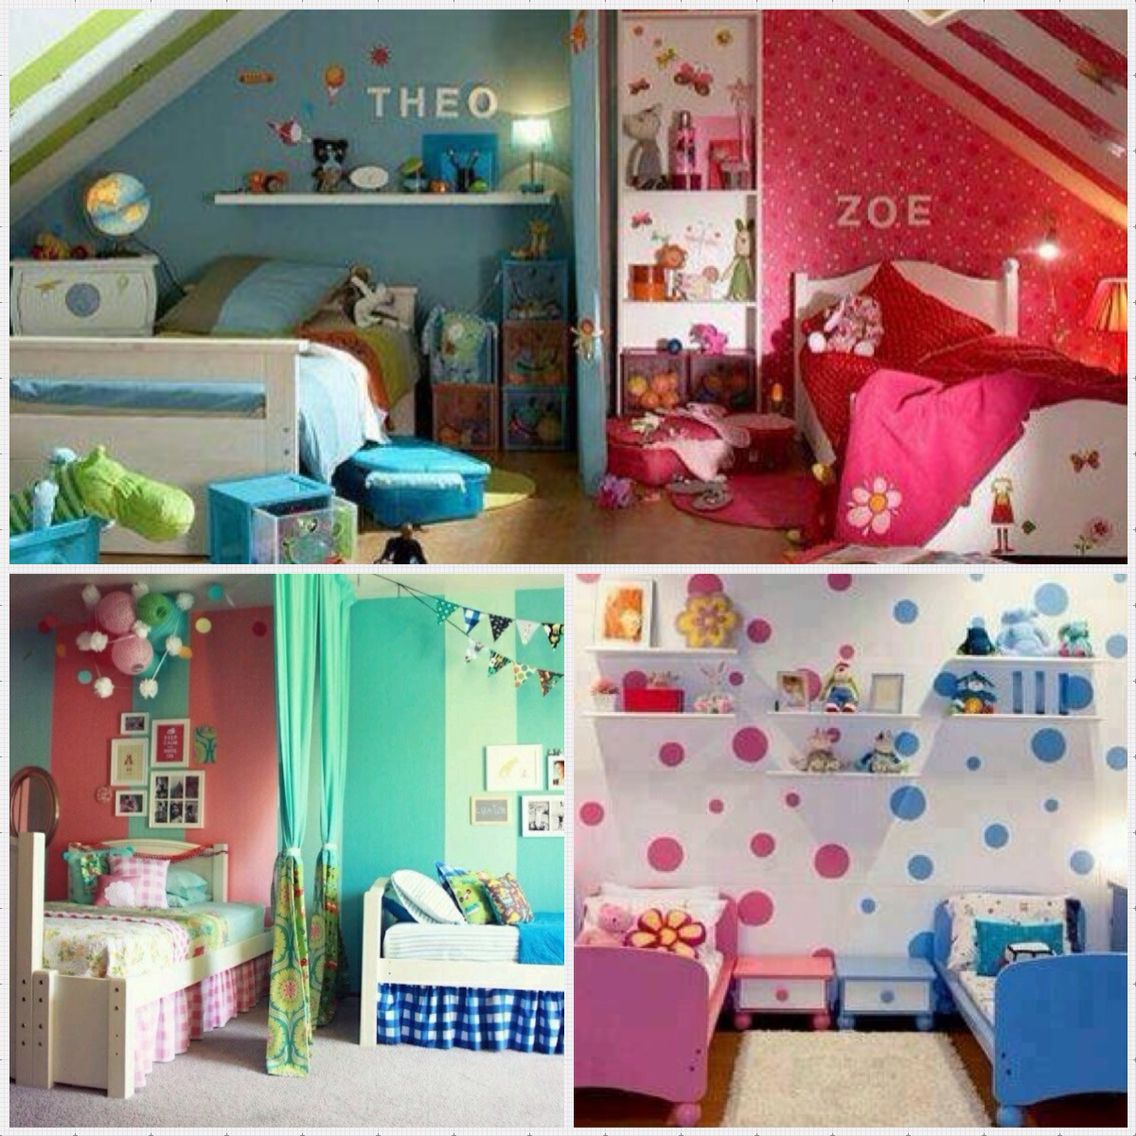 Een kamer voor broer en zus geen probleem hier een paar tips denk niet dat het onmogelijk is - Thema slaapkamer meisje ...